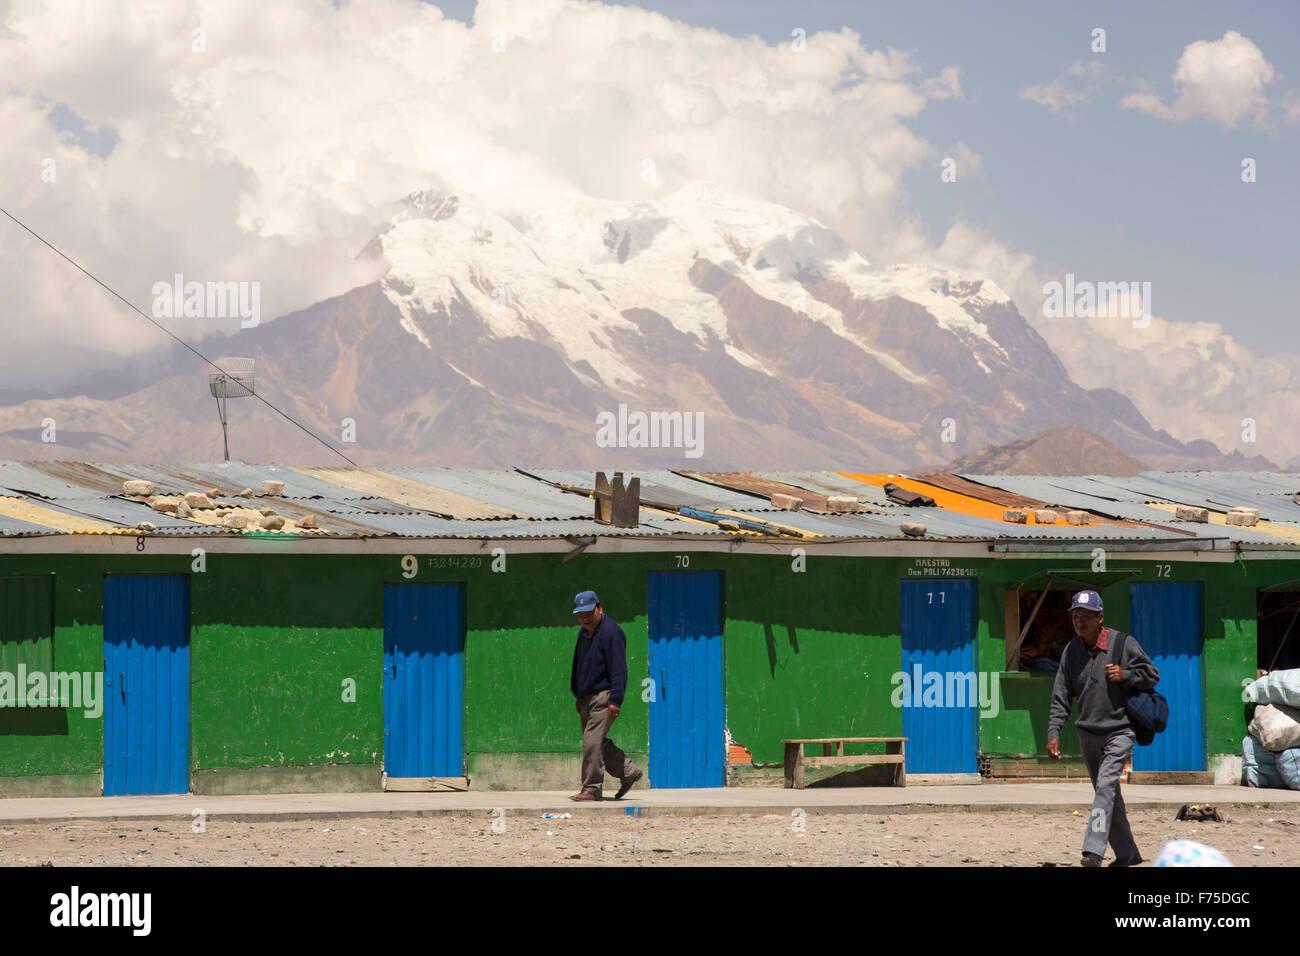 El pico de Illimani (6348 metros) por encima de El Alto, La Paz, Bolivia. La Paz y el Alto son una escasez crítica Imagen De Stock